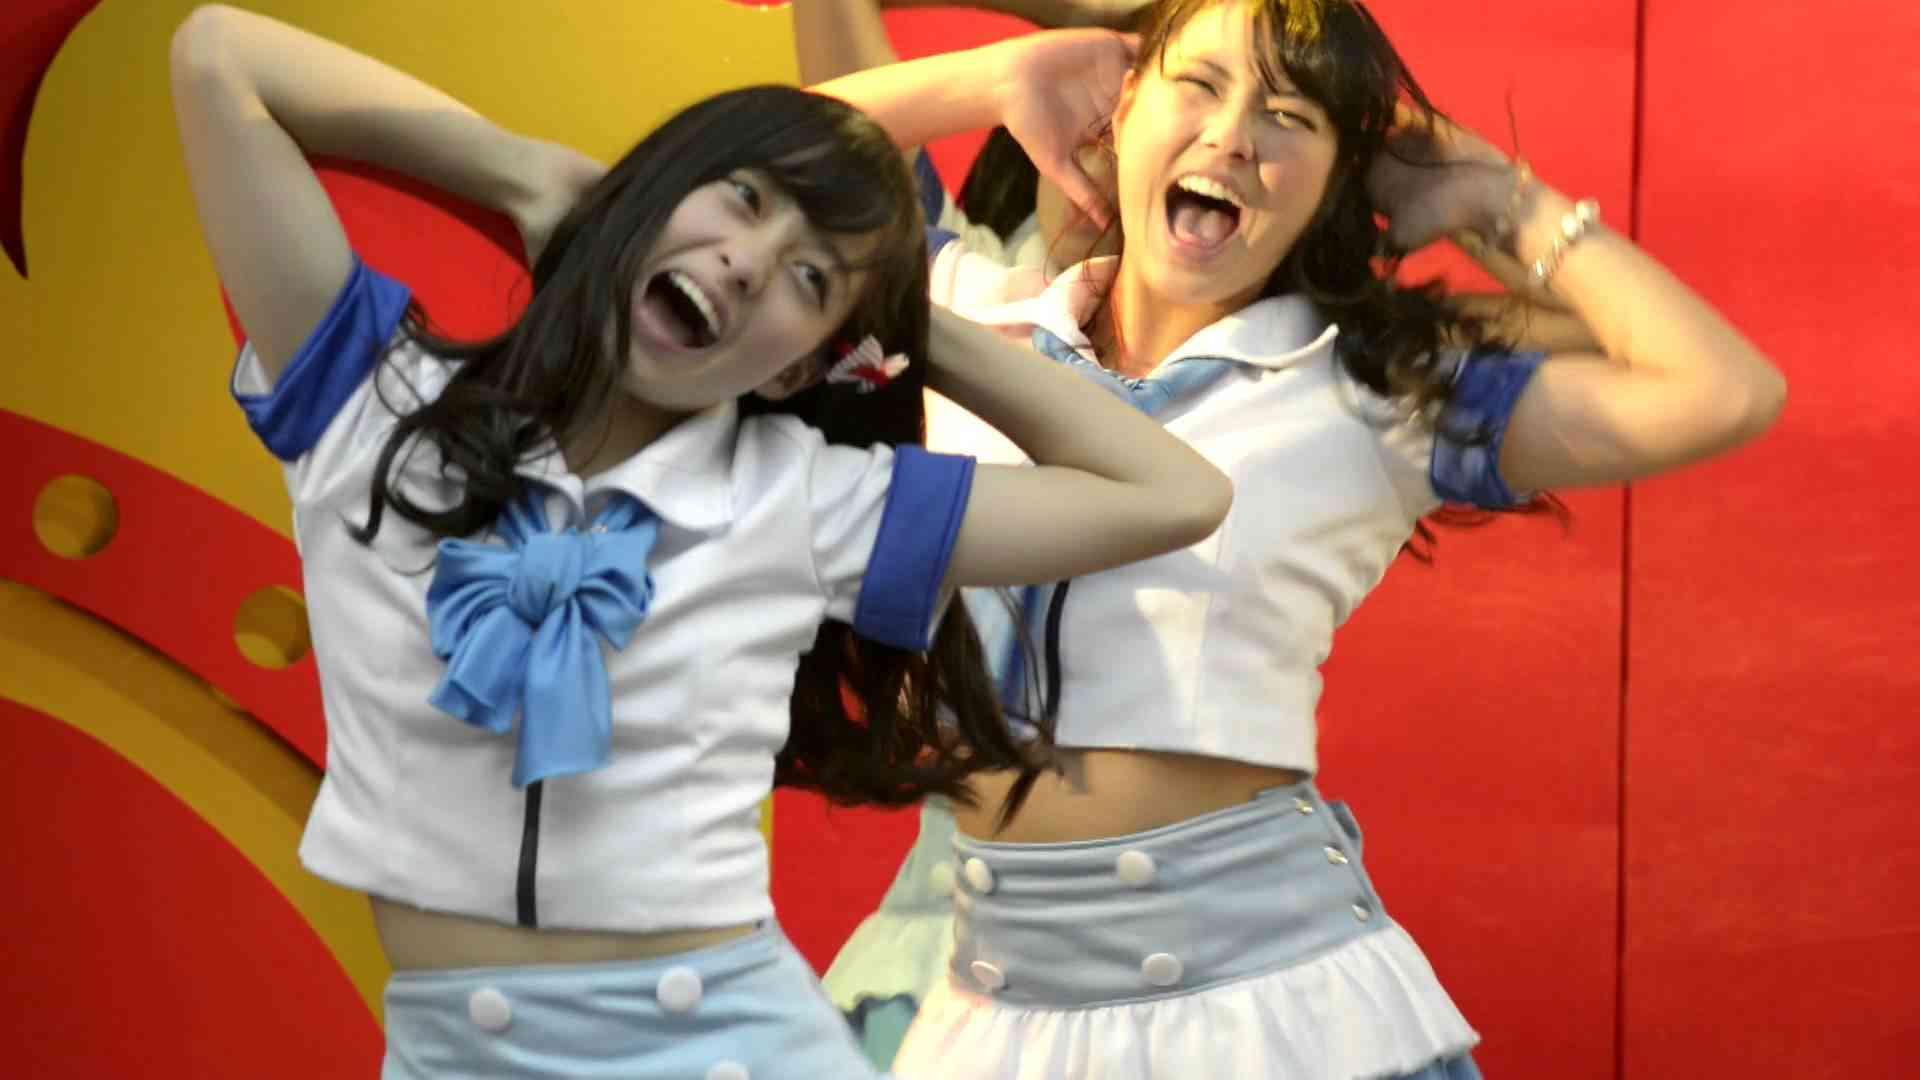 20131103 その2 浅草花やしき Rev from DVL 橋本環奈アングル - YouTube